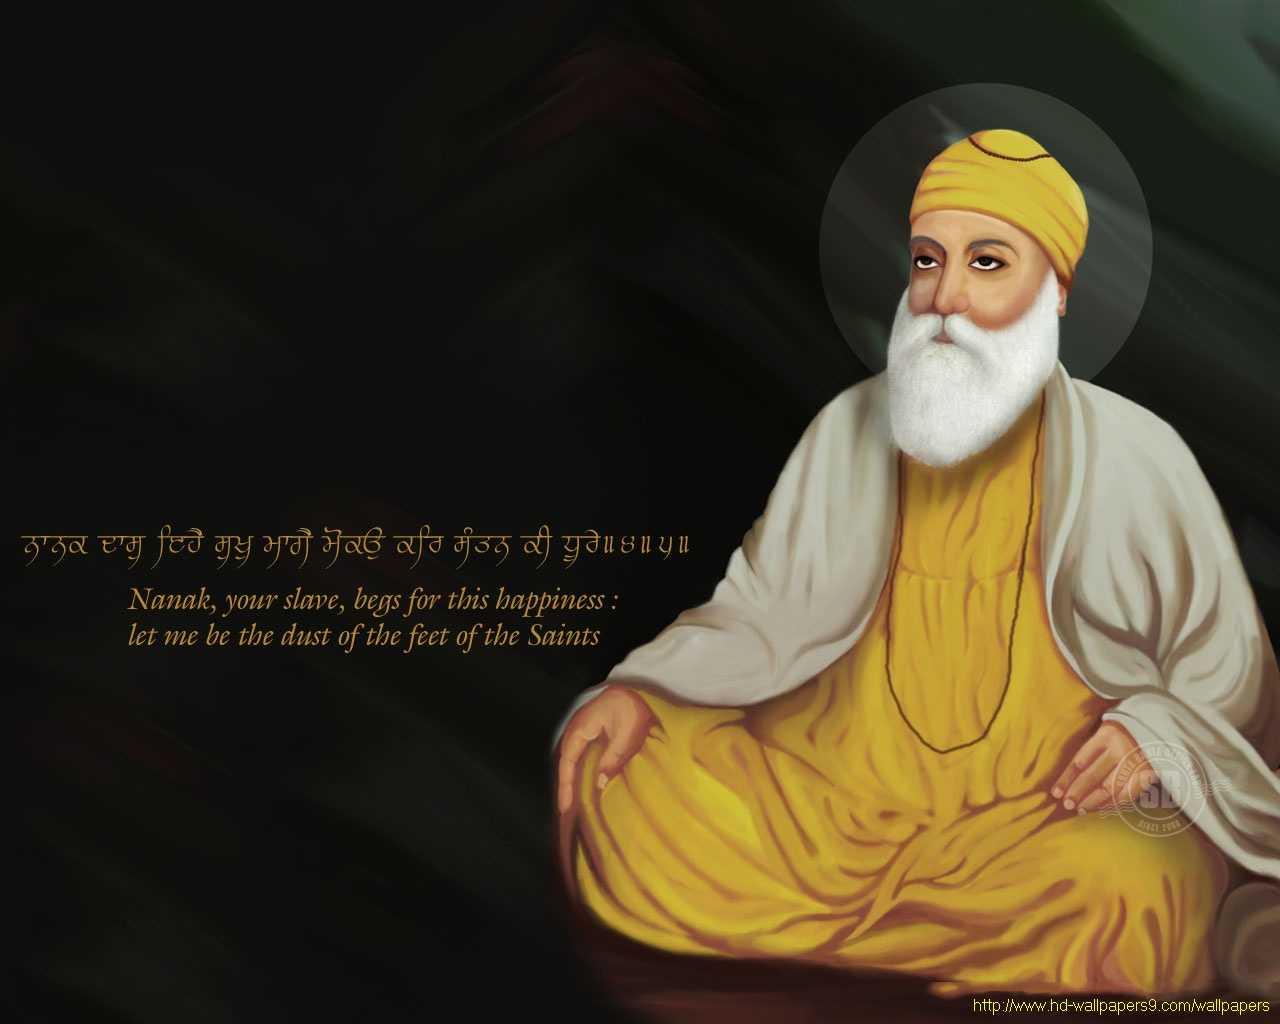 Must see Wallpaper High Resolution Sikh - 5pgi0W  Trends_81521.jpg